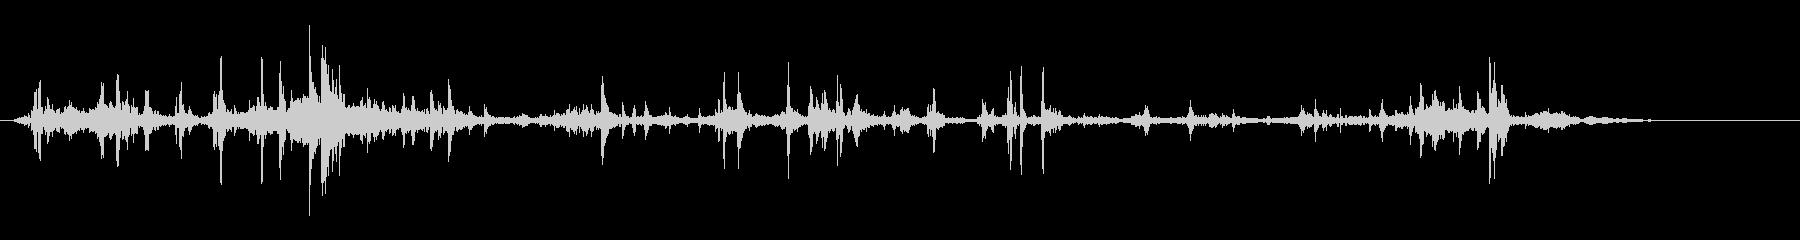 クシャクシャ(紙などをクシャッとする音)の未再生の波形